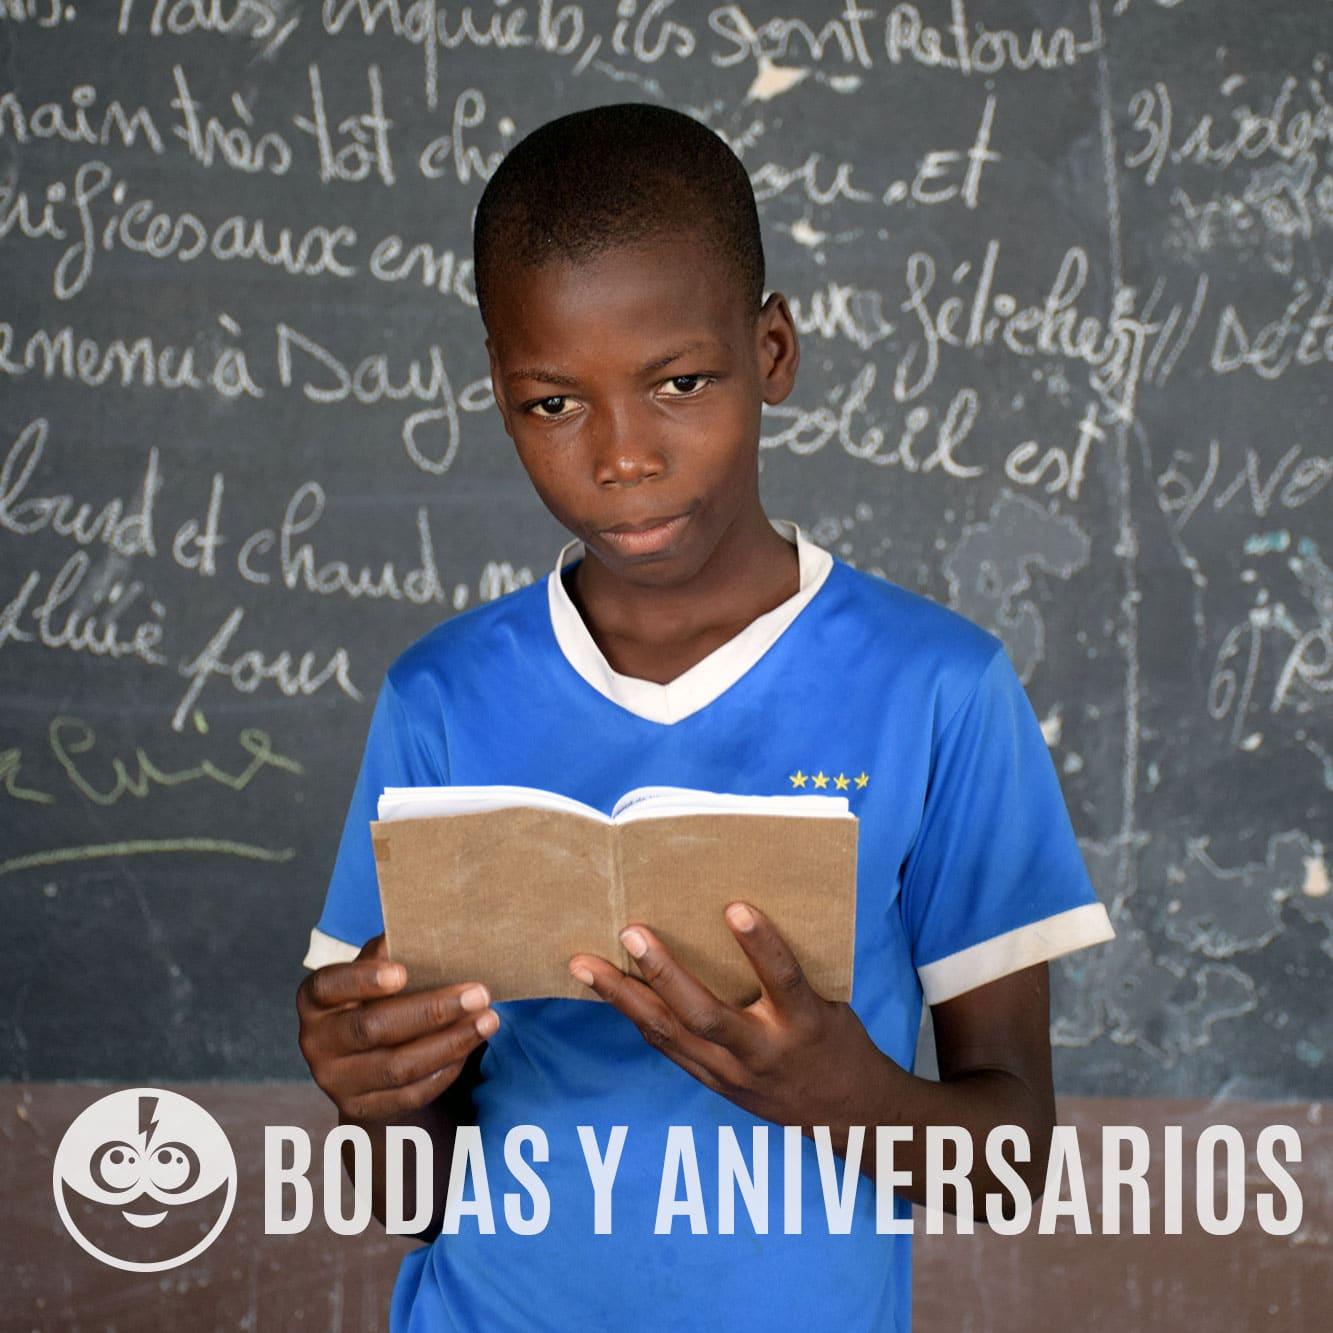 Tarjeta de Bodas solidarias - Celebraciones solidarias y regalos solidarios - Child Heroes